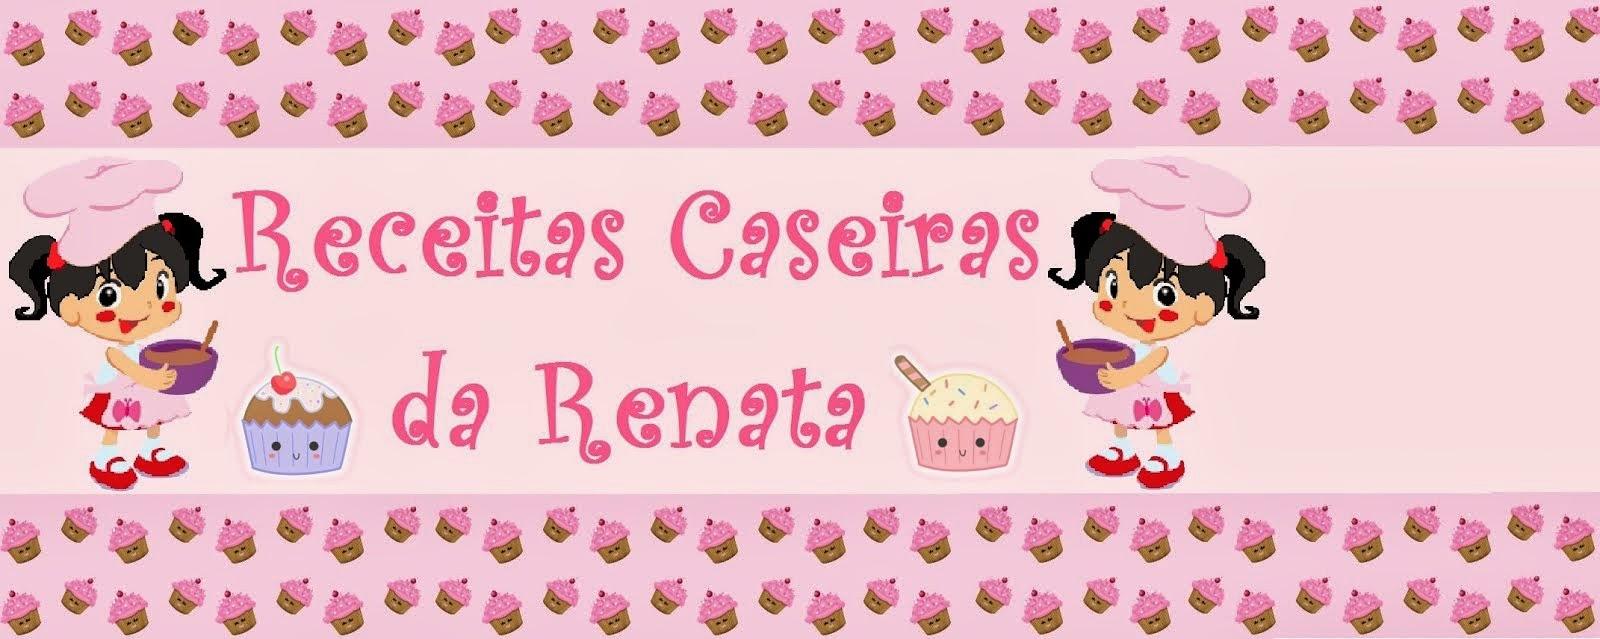 RECEITAS CASEIRAS DA RENATA